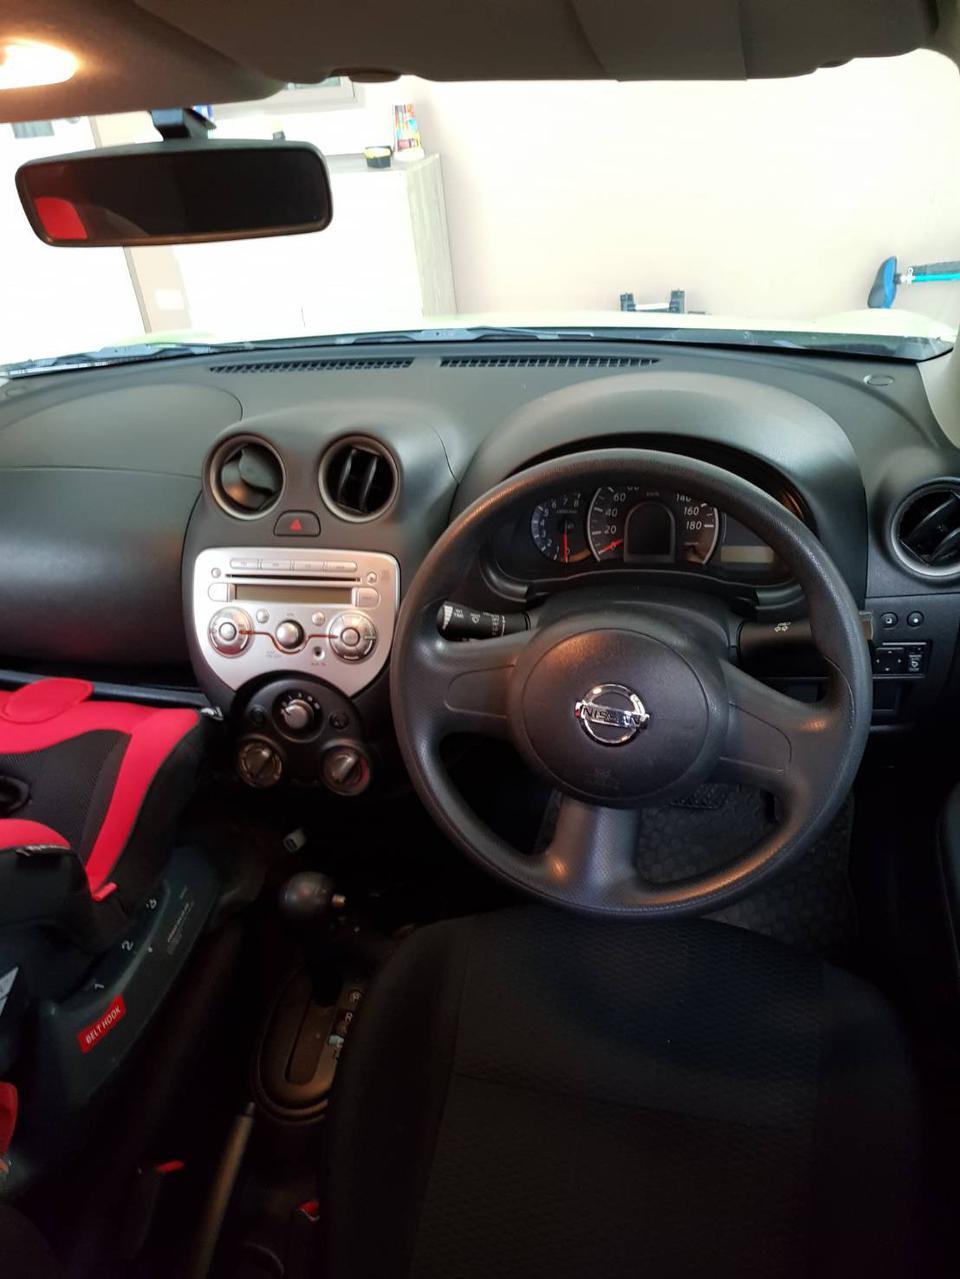 ขายรถเก๋ง Nissan March  2011 เขต ยานนาวา จังหวัด กทม. รูปที่ 5